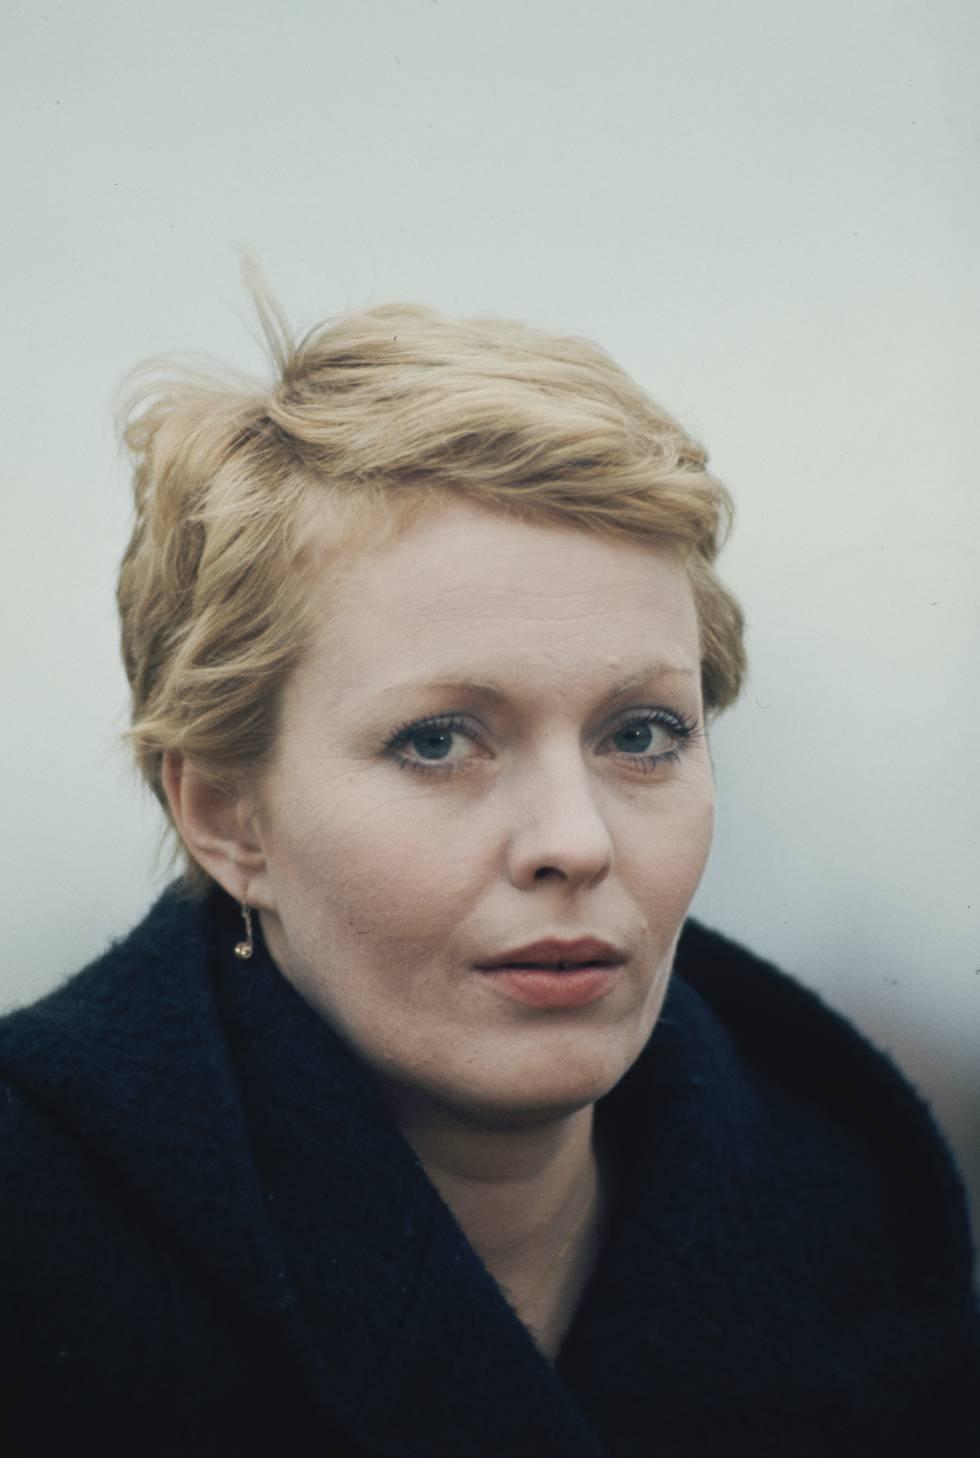 Jean Seberg fotografiada en 1975, cuatro años antes de su fallecimiento.